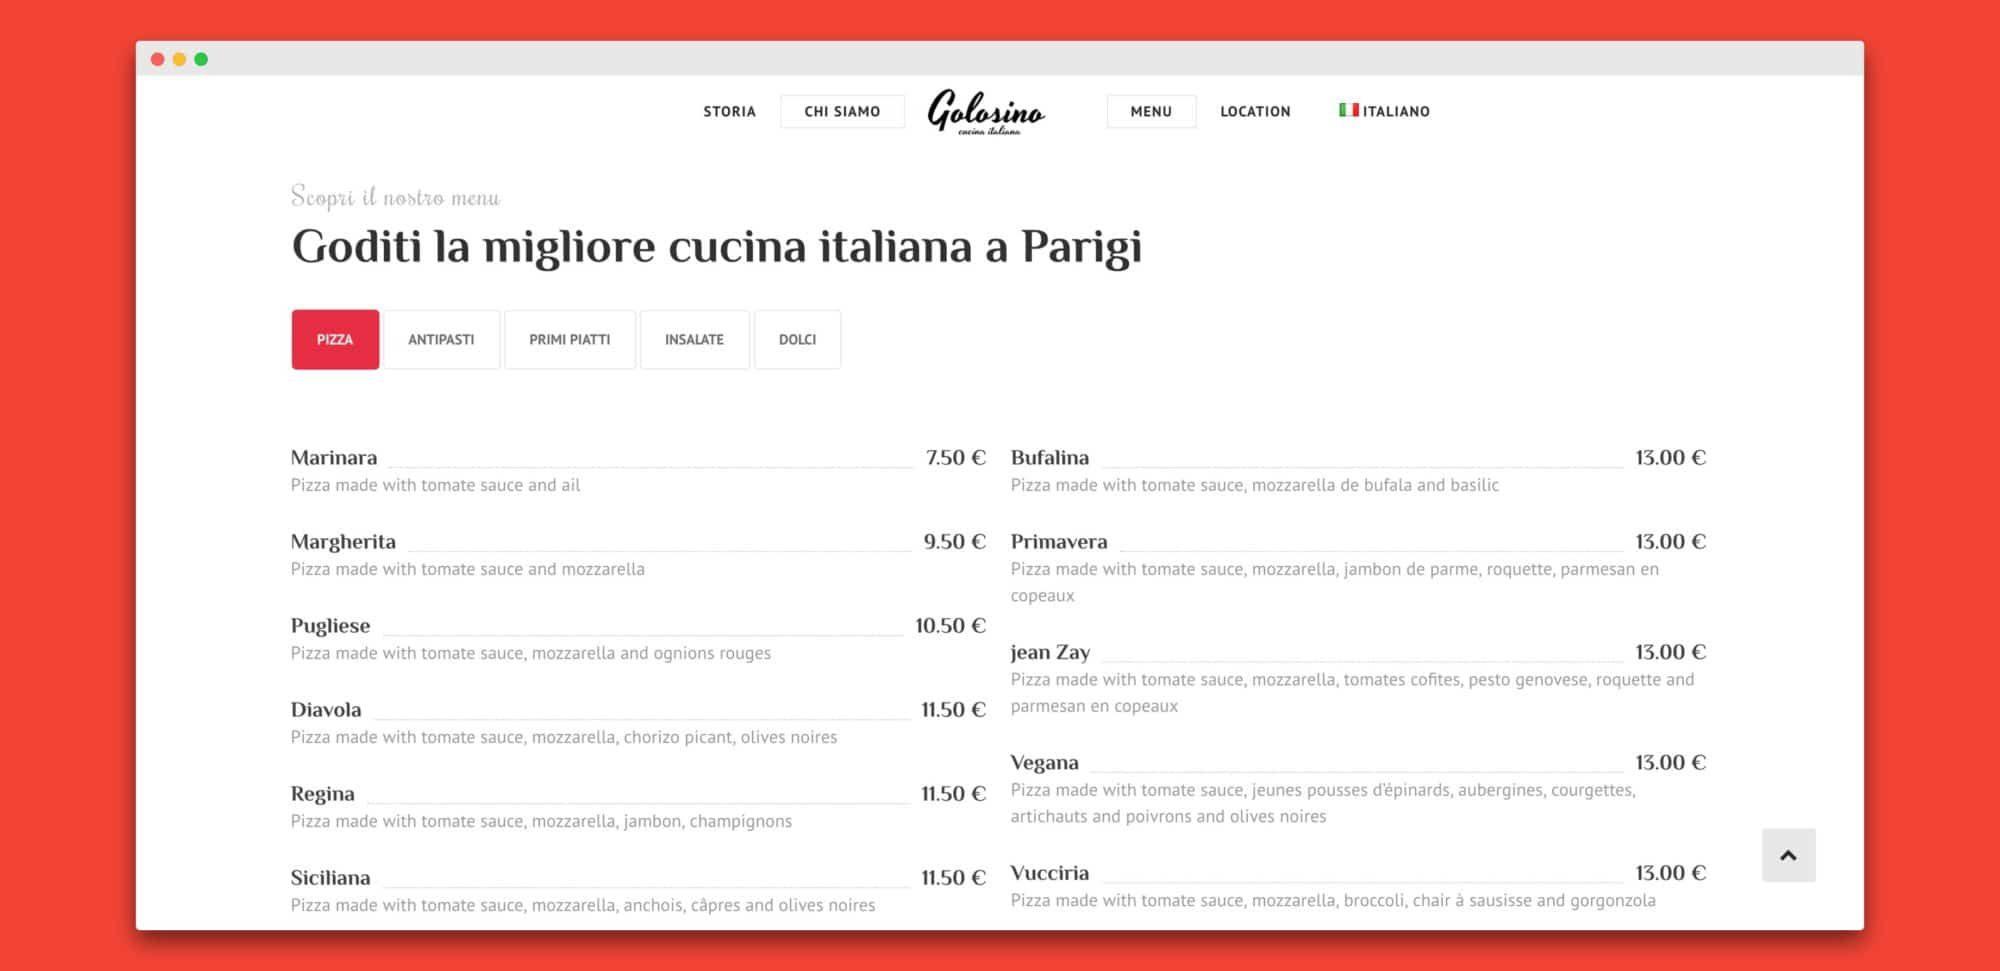 teroro agency golosino realizzazione sito internet 3 - Golosino - Pizzeria Ristorante italiano a Parigi